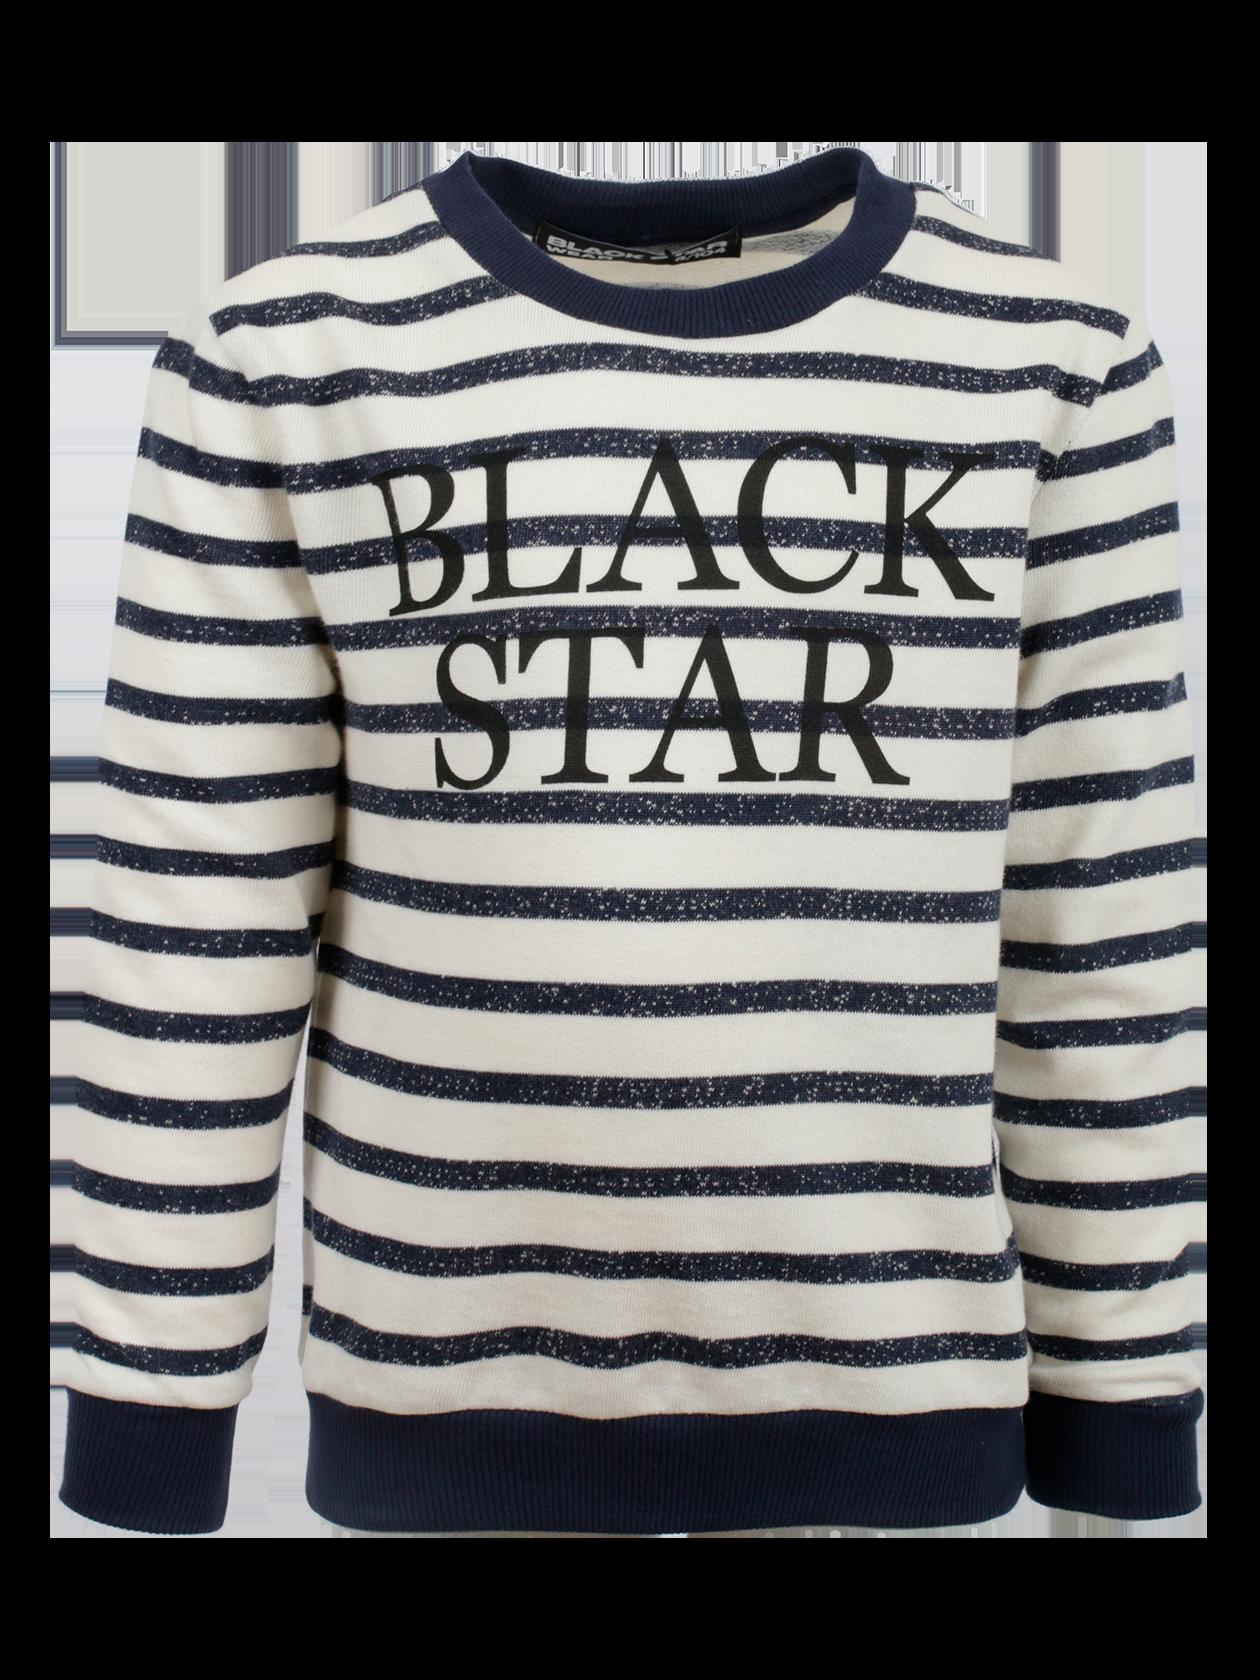 Толстовка детская STRIPS KIDSТолстовка детская Strips Kids из коллекции Black Star Wear – идеальное решение на каждый день. Модель прямого свободного силуэта подходит для прогулок, спортивных занятий. Горловина округлой формы с эластичной обработкой края темно-синего цвета, с изнаночной стороны оформлен лейбл Black Star Wear. Изделие представлено в актуальной белой расцветке с синими полосками. Манжеты и низ вещи выполнены из гофрированного трикотажа темно-синего оттенка. При пошиве толстовки использован натуральный хлопок элитного качества, за счет которого вещь отличается высокой износоустойчивостью. На груди крупная надпись Black Star.<br><br>Размер: 6 years<br>Цвет: Черный/Белый<br>Пол: Унисекс